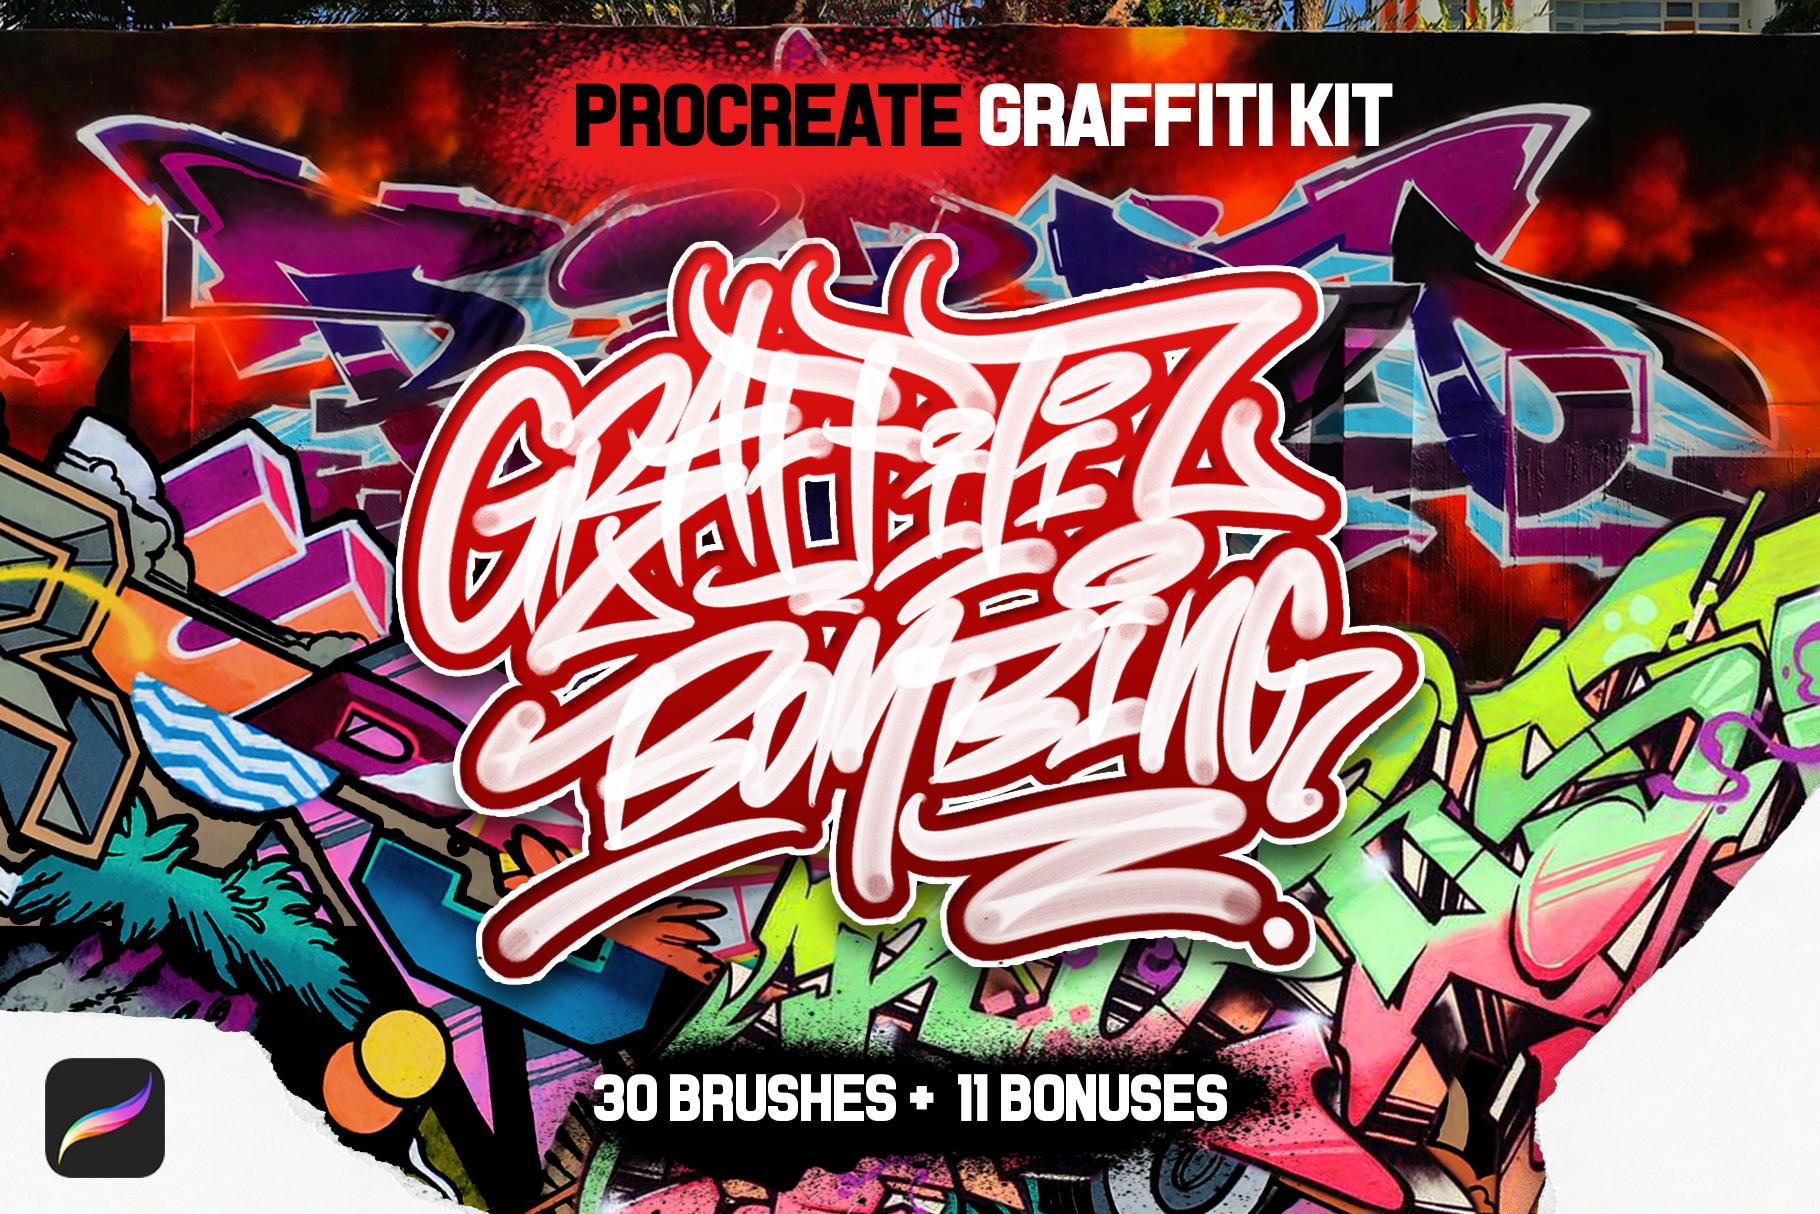 31款涂鸦效果Procreate笔刷下载 Graffiti Bombing Procreate Brush Kit插图